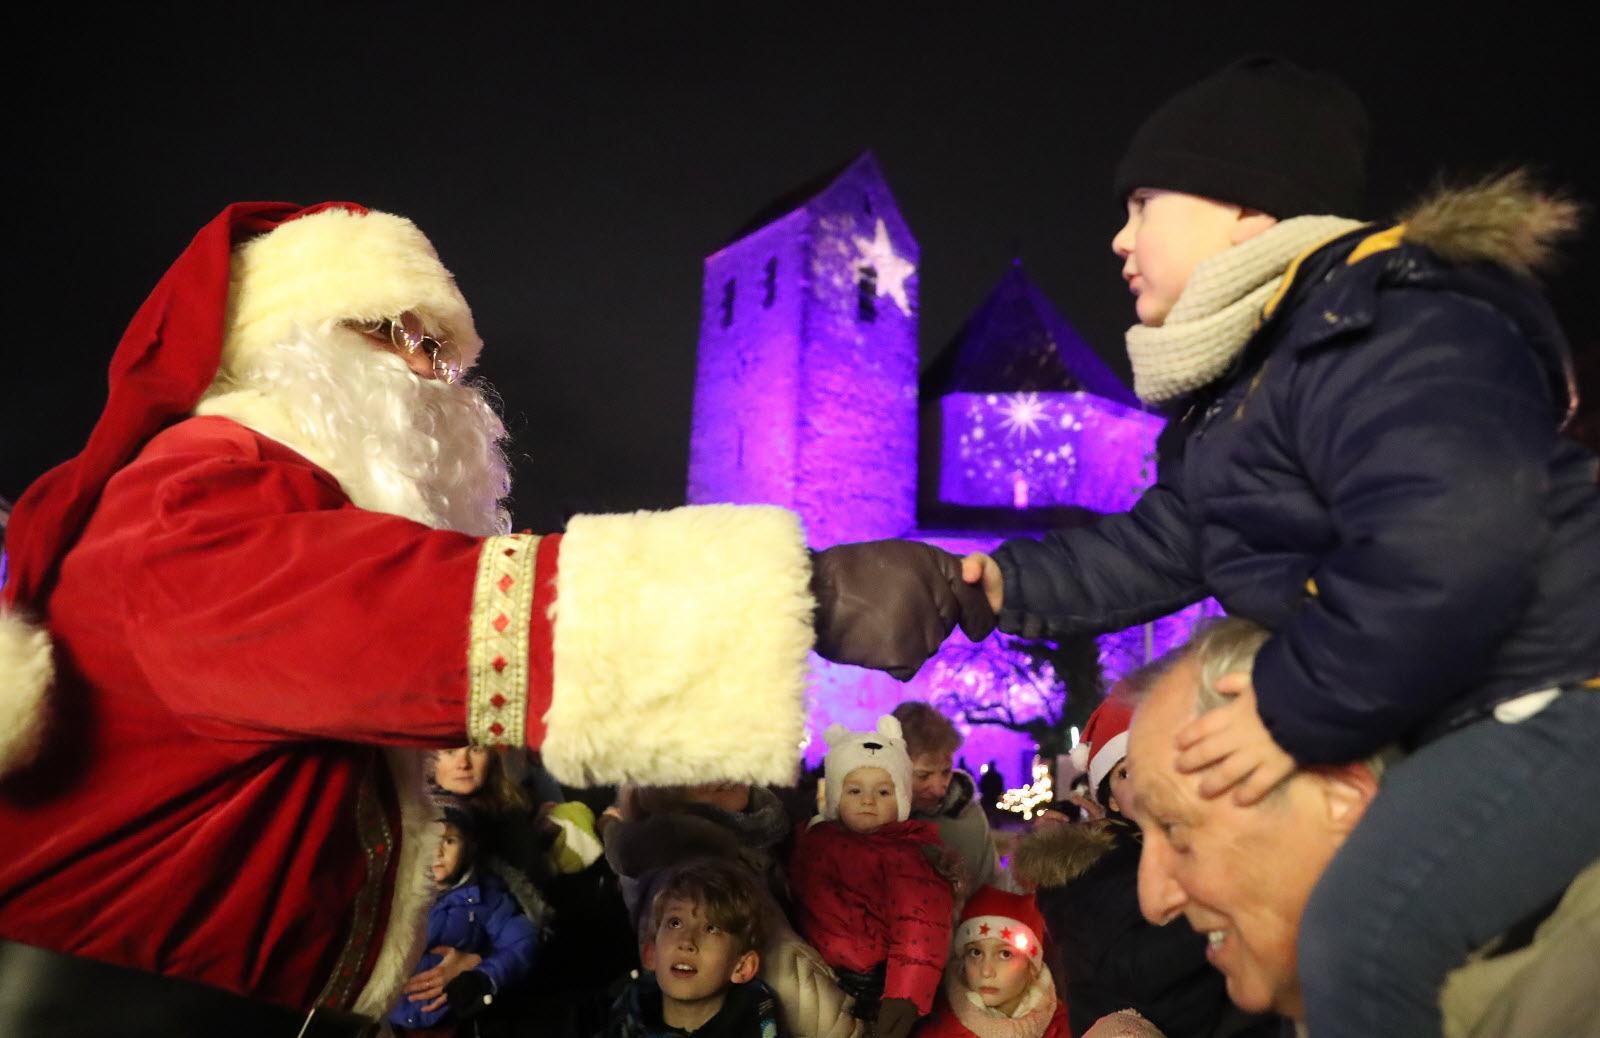 Diaporamas | [Diaporama] Le Marché De Noël Joue La Carte tout Oi Bientot Ce Sera Noel